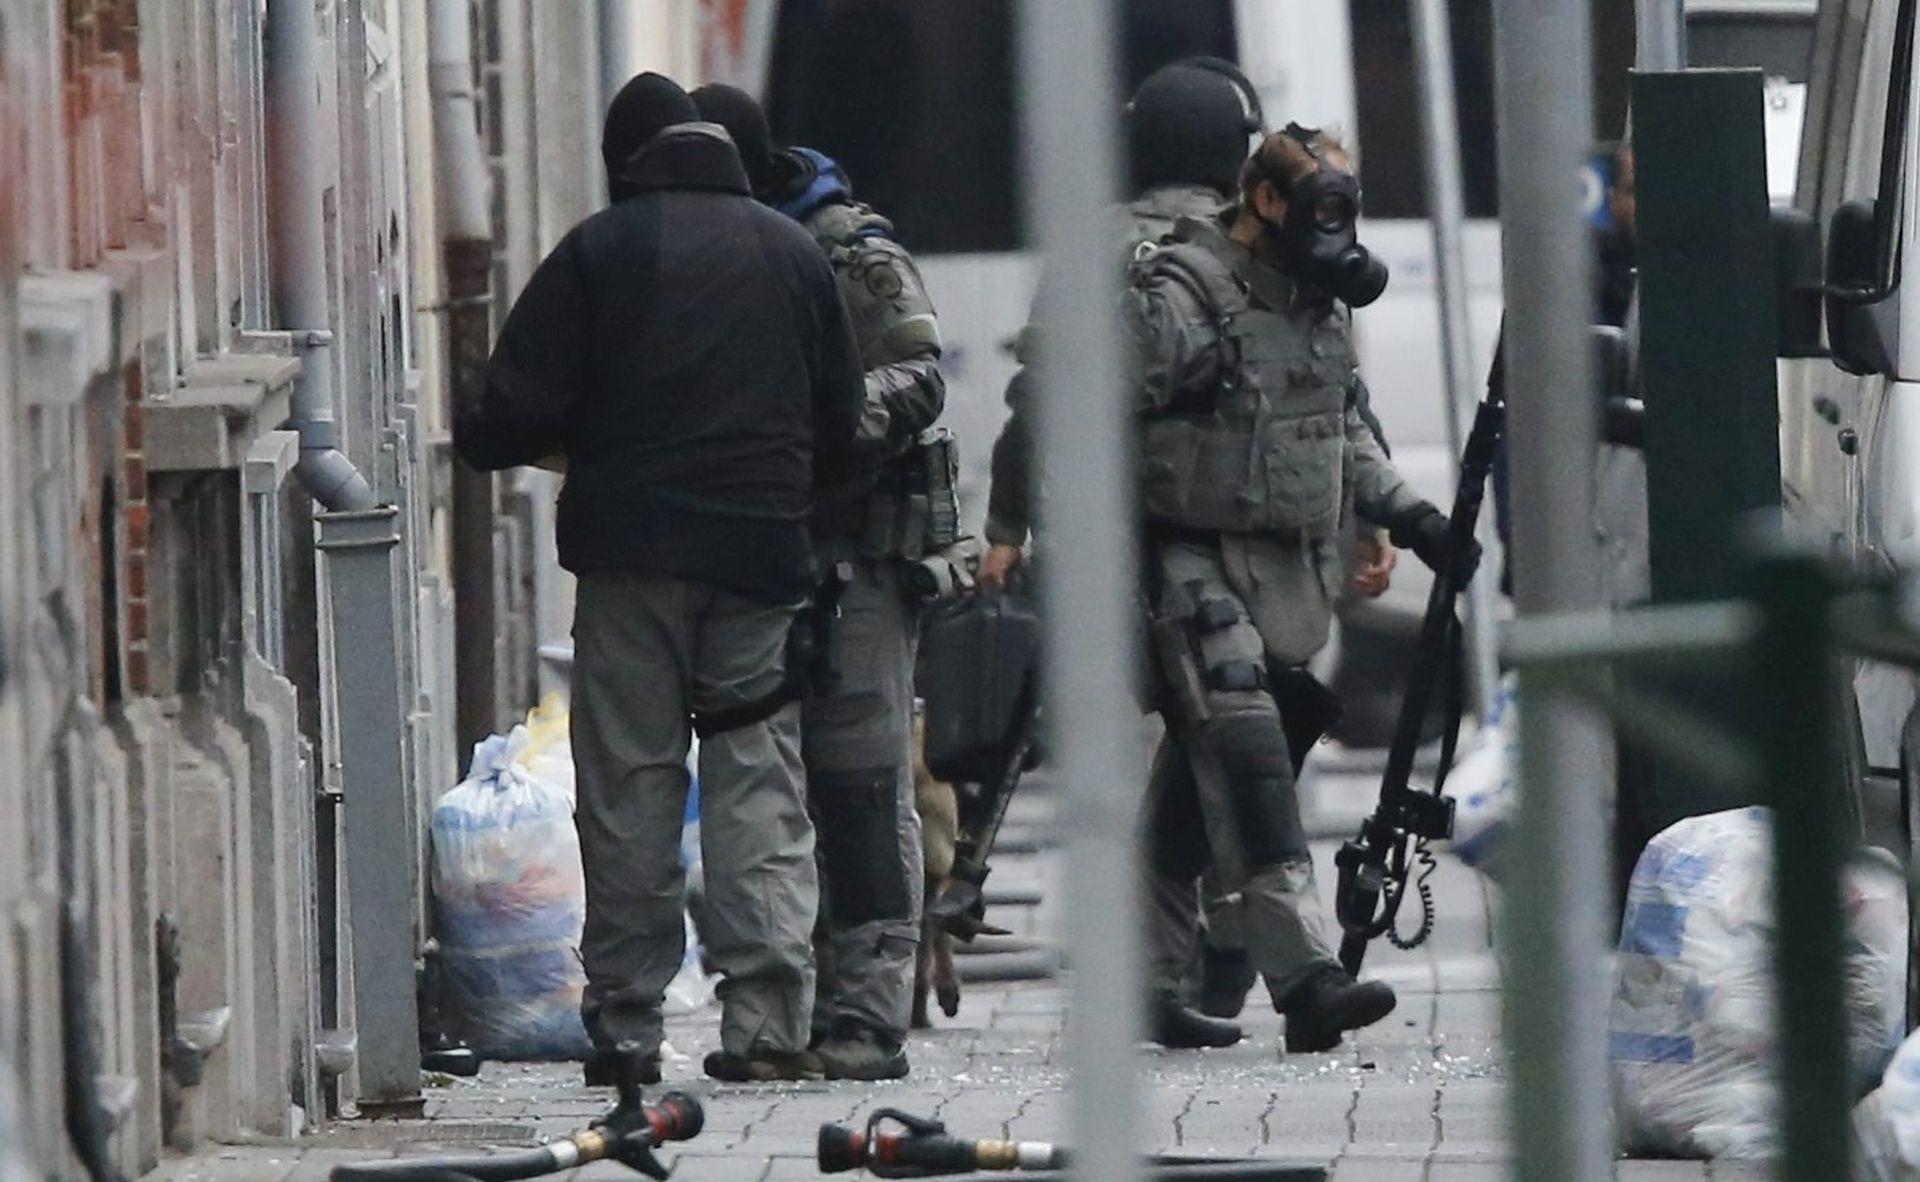 BELGIJA Uhićena dvojica muškaraca povezana s terorističkim napadima u Parizu